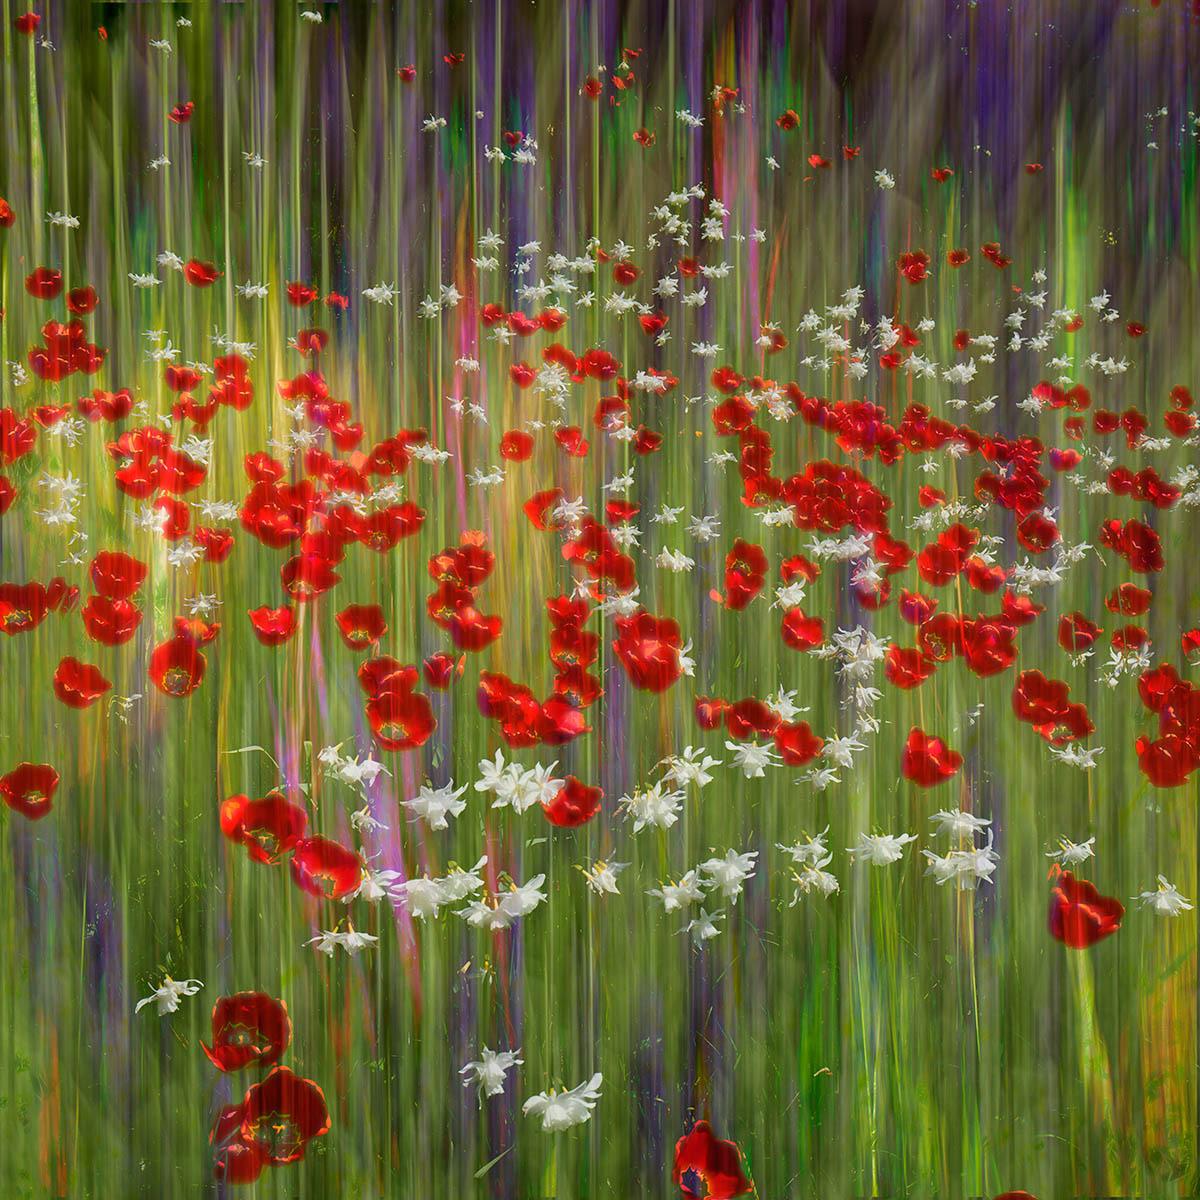 Цветочные сны, © Грег Виваш, 3-е место, Фотоконкурс «Международный садовый фотограф года»